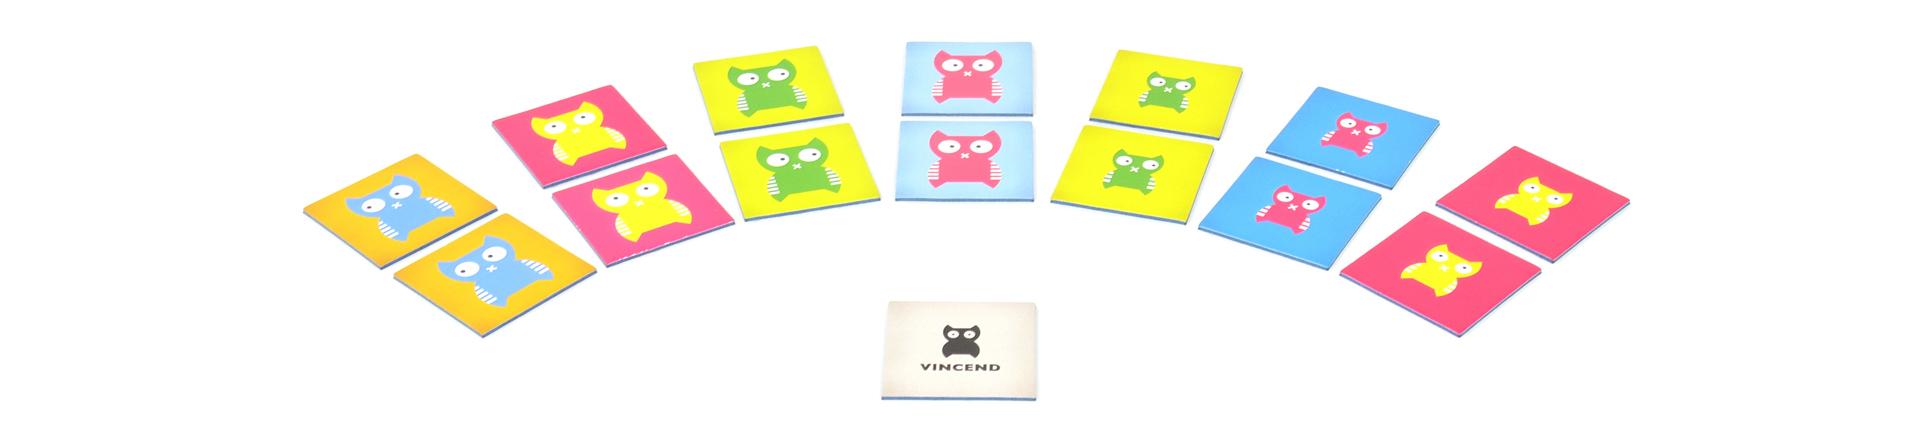 Vincend Memo Spiel online kaufen bei Vincend der Marke für Kinderspielzeug aus Dresden